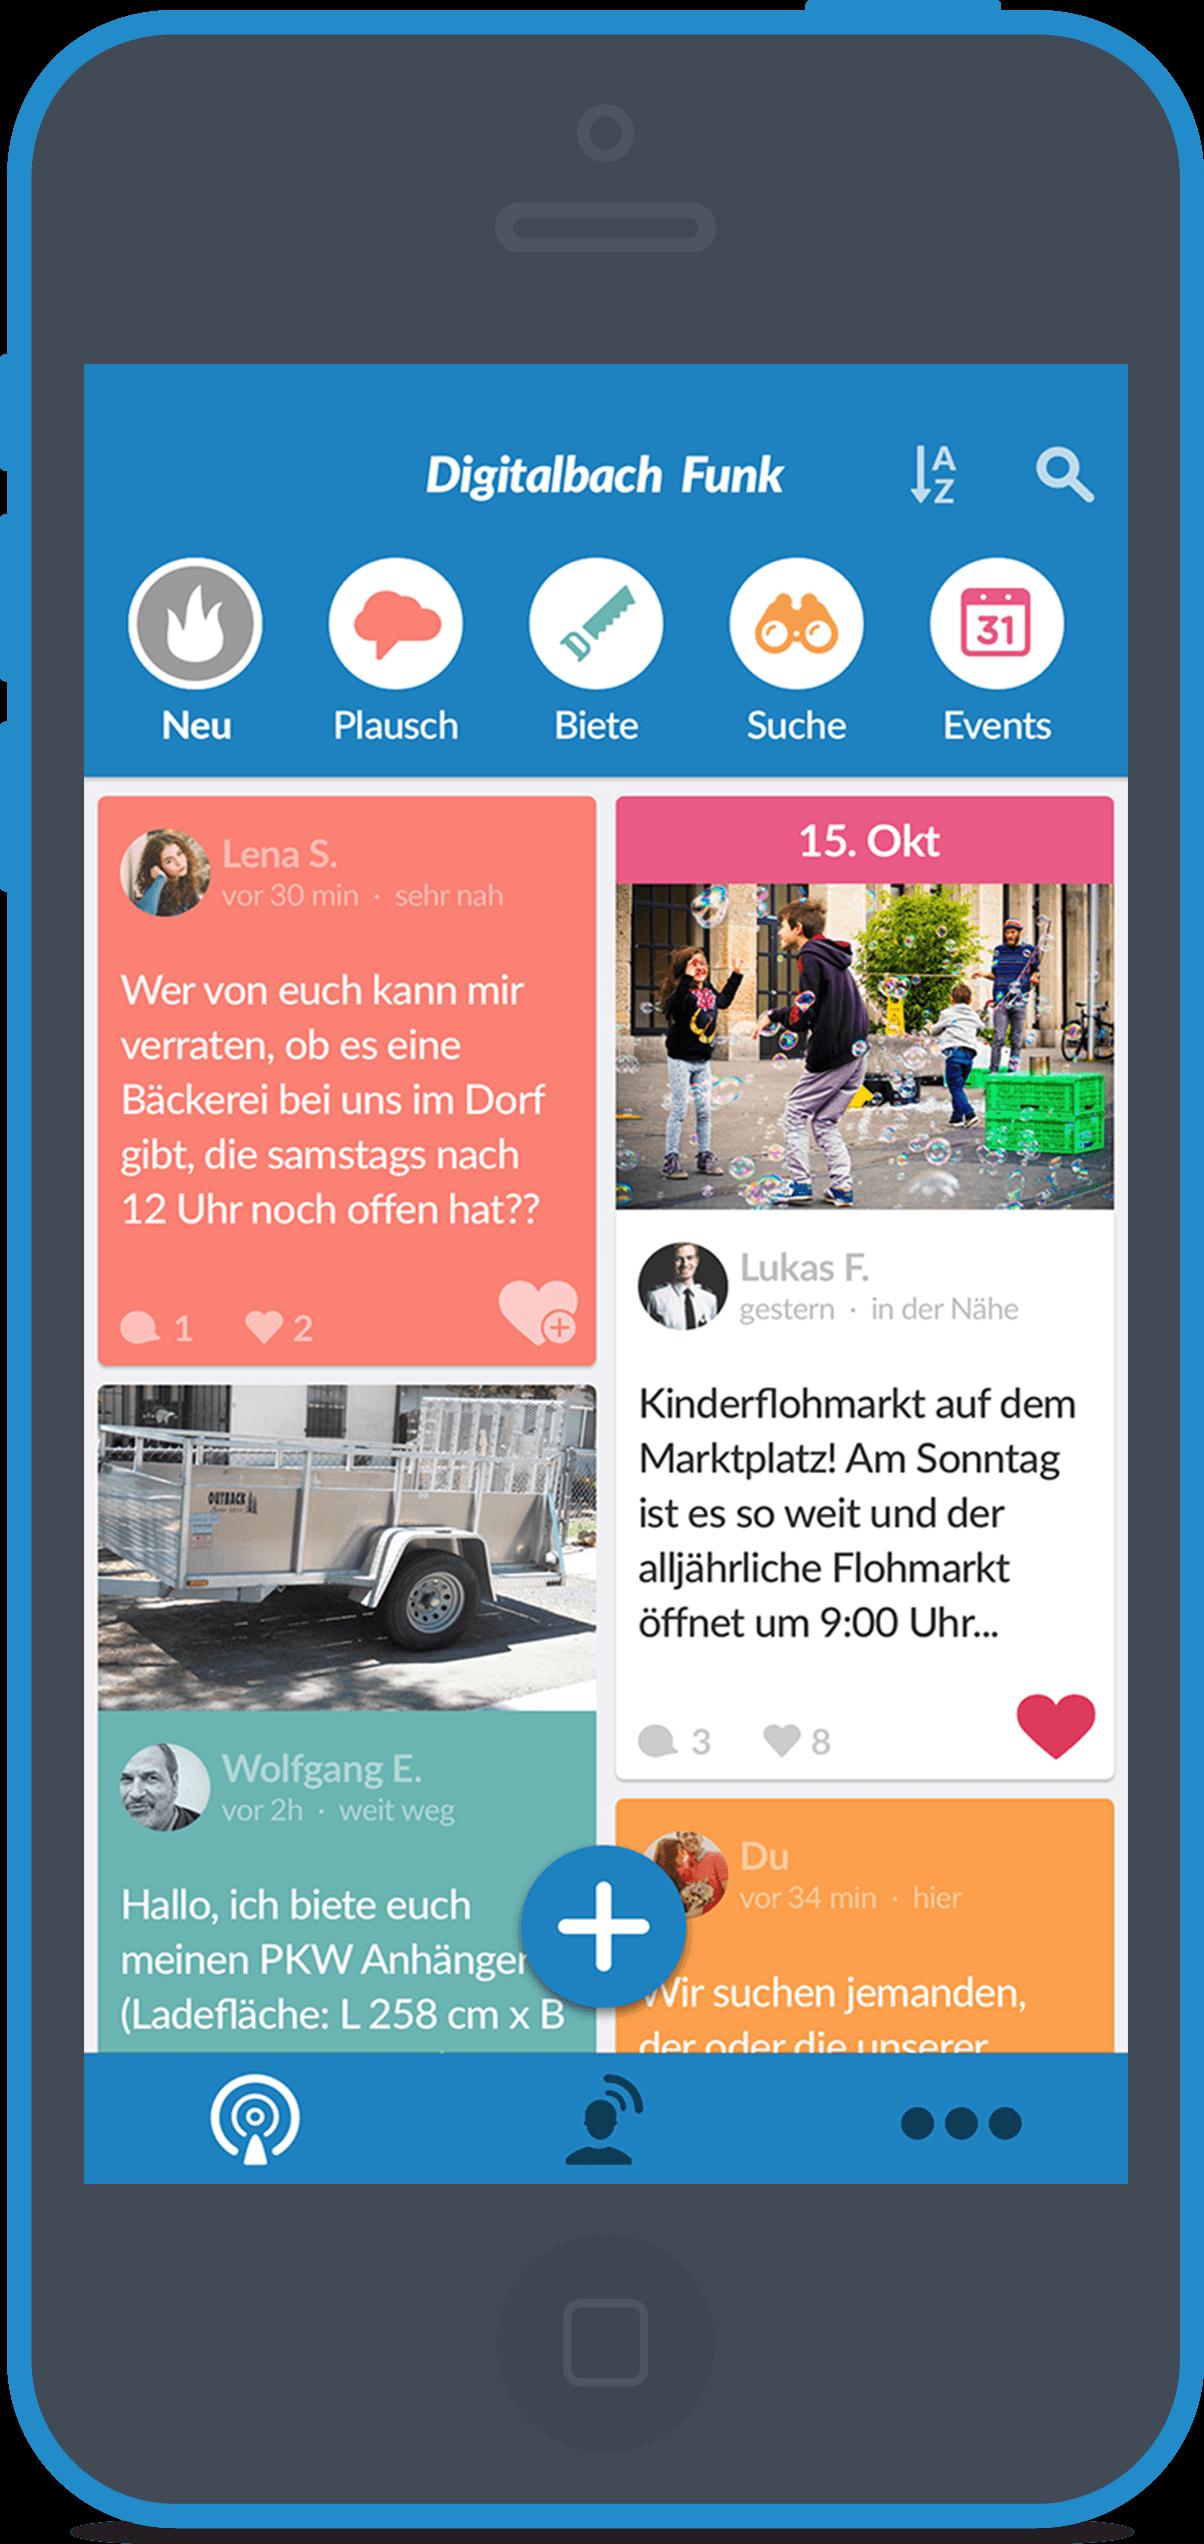 Startseite von DorfFunk zeigt die neusten Beiträge